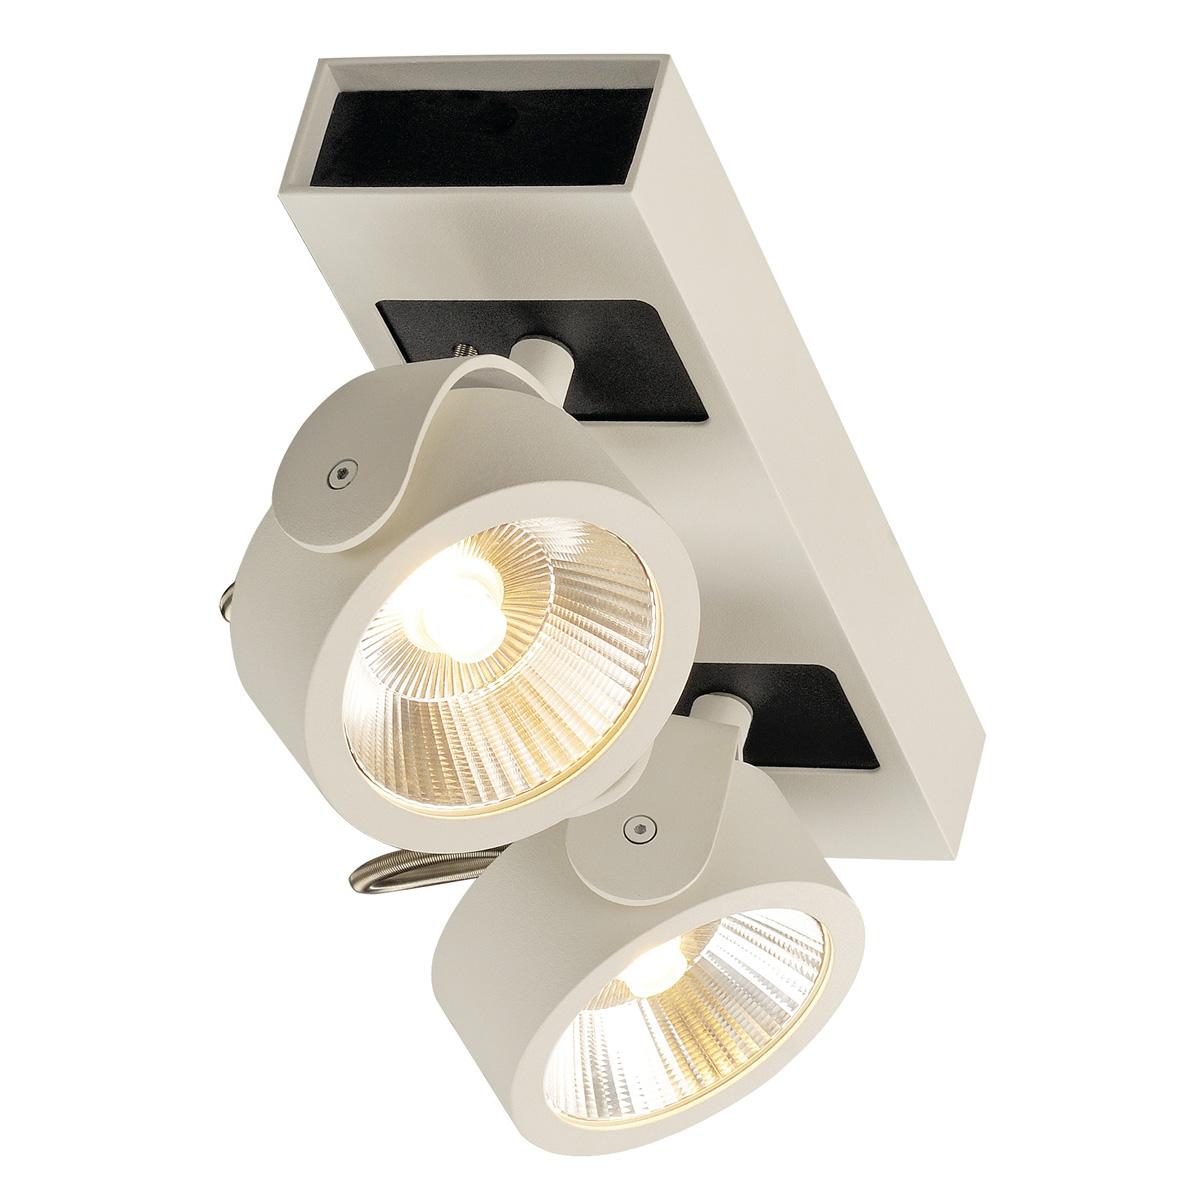 koop online kalu 2 spots wit zwart 2xled 3000k 147611 van slv webshop slv nederland. Black Bedroom Furniture Sets. Home Design Ideas